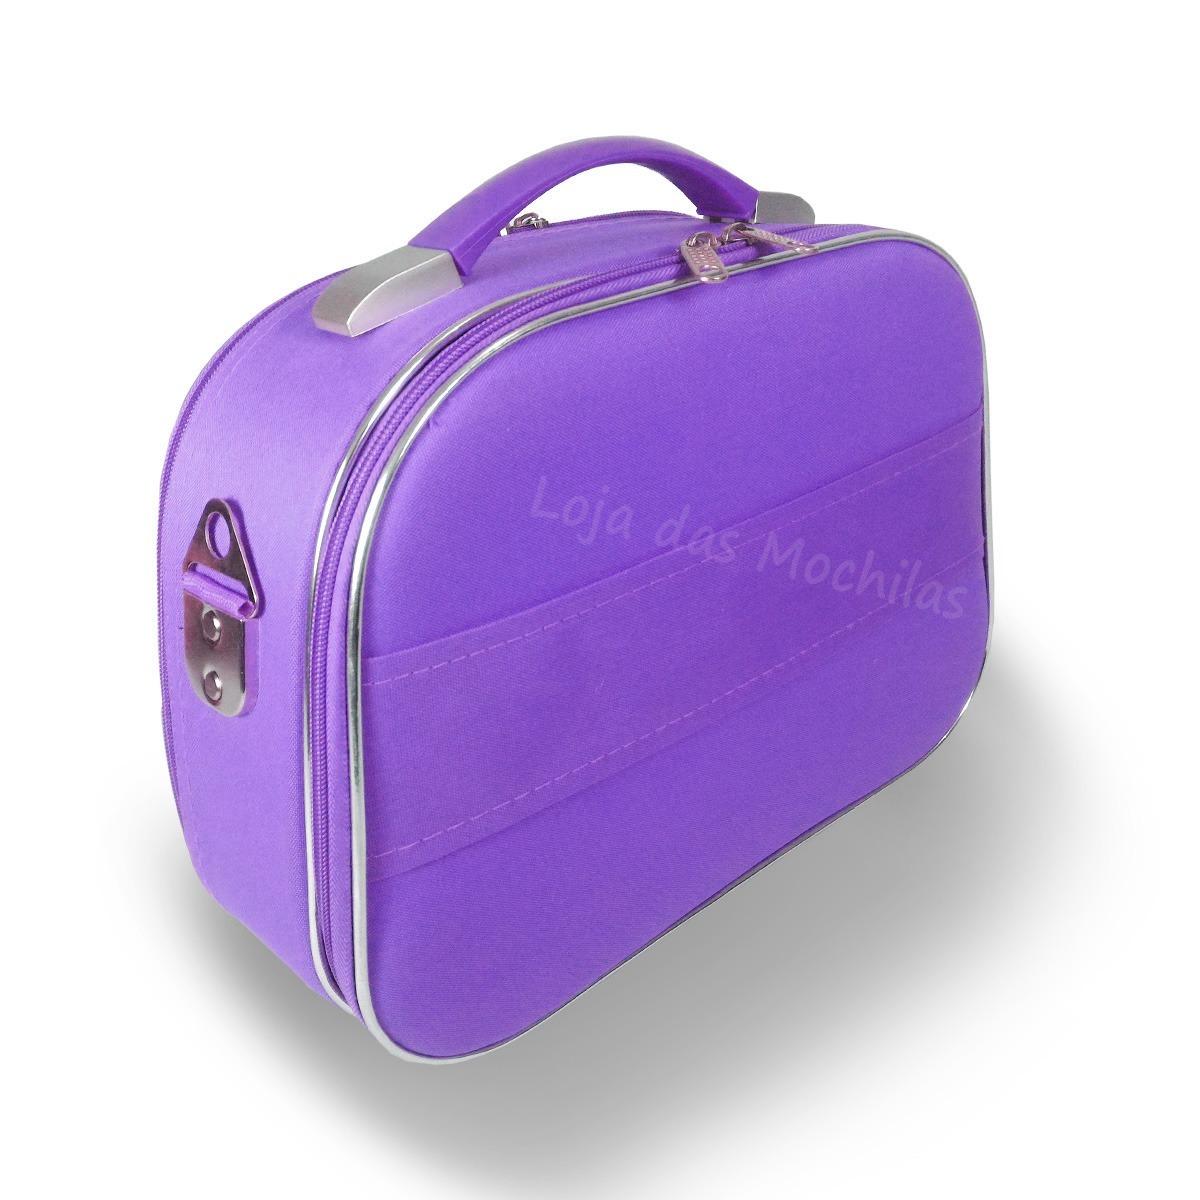 94696e691 frasqueira necessaire maleta maquiagem manicure 12 batiki. Carregando zoom.